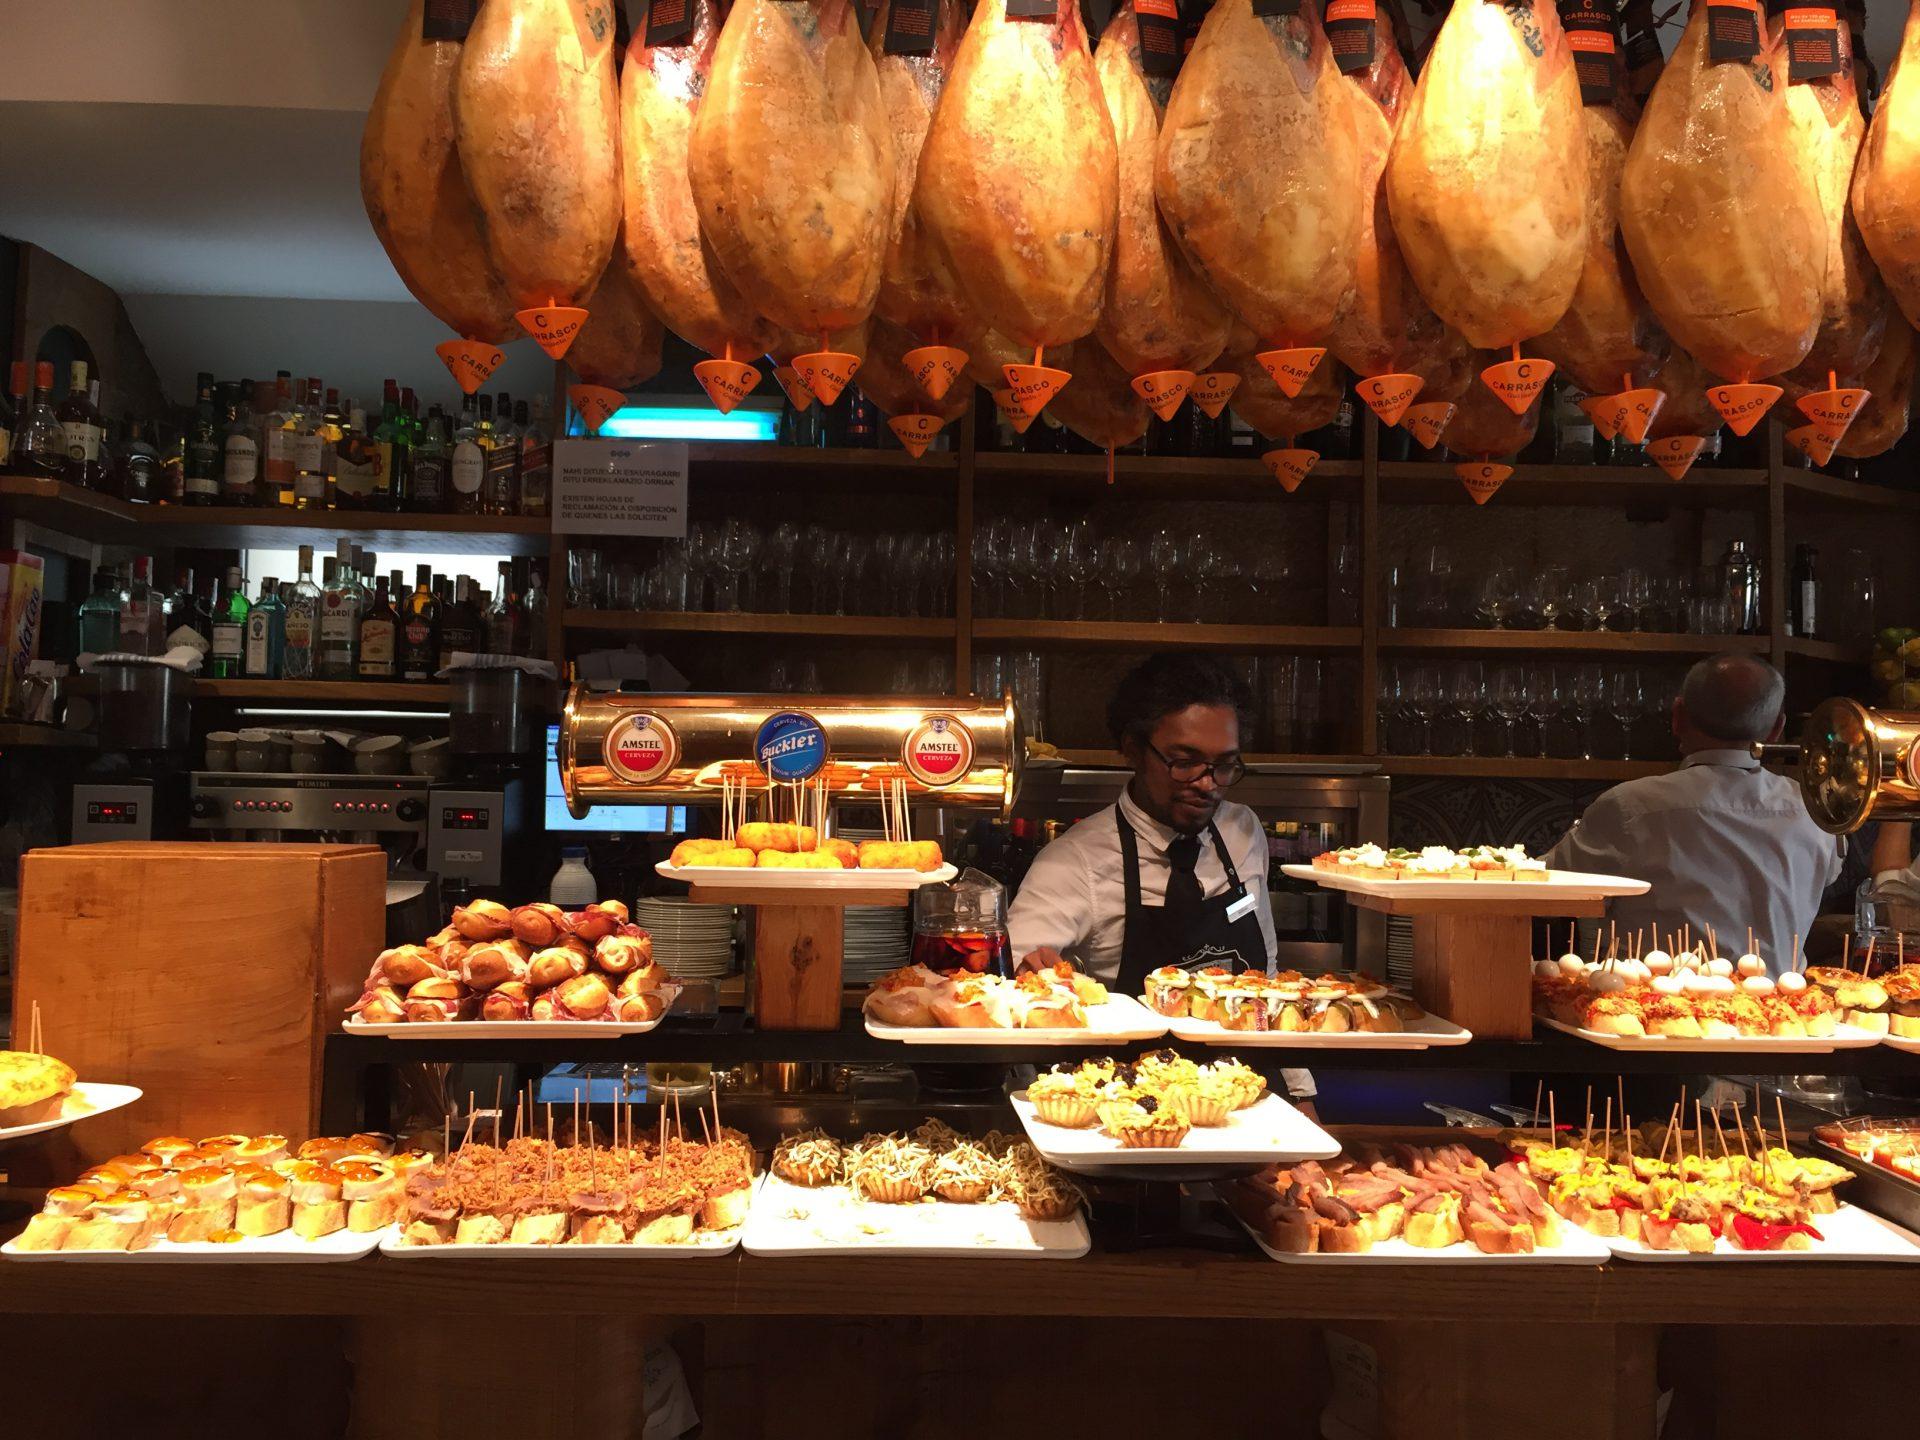 Eines der unzähligen Pintxos Restaurants in San Sebastián